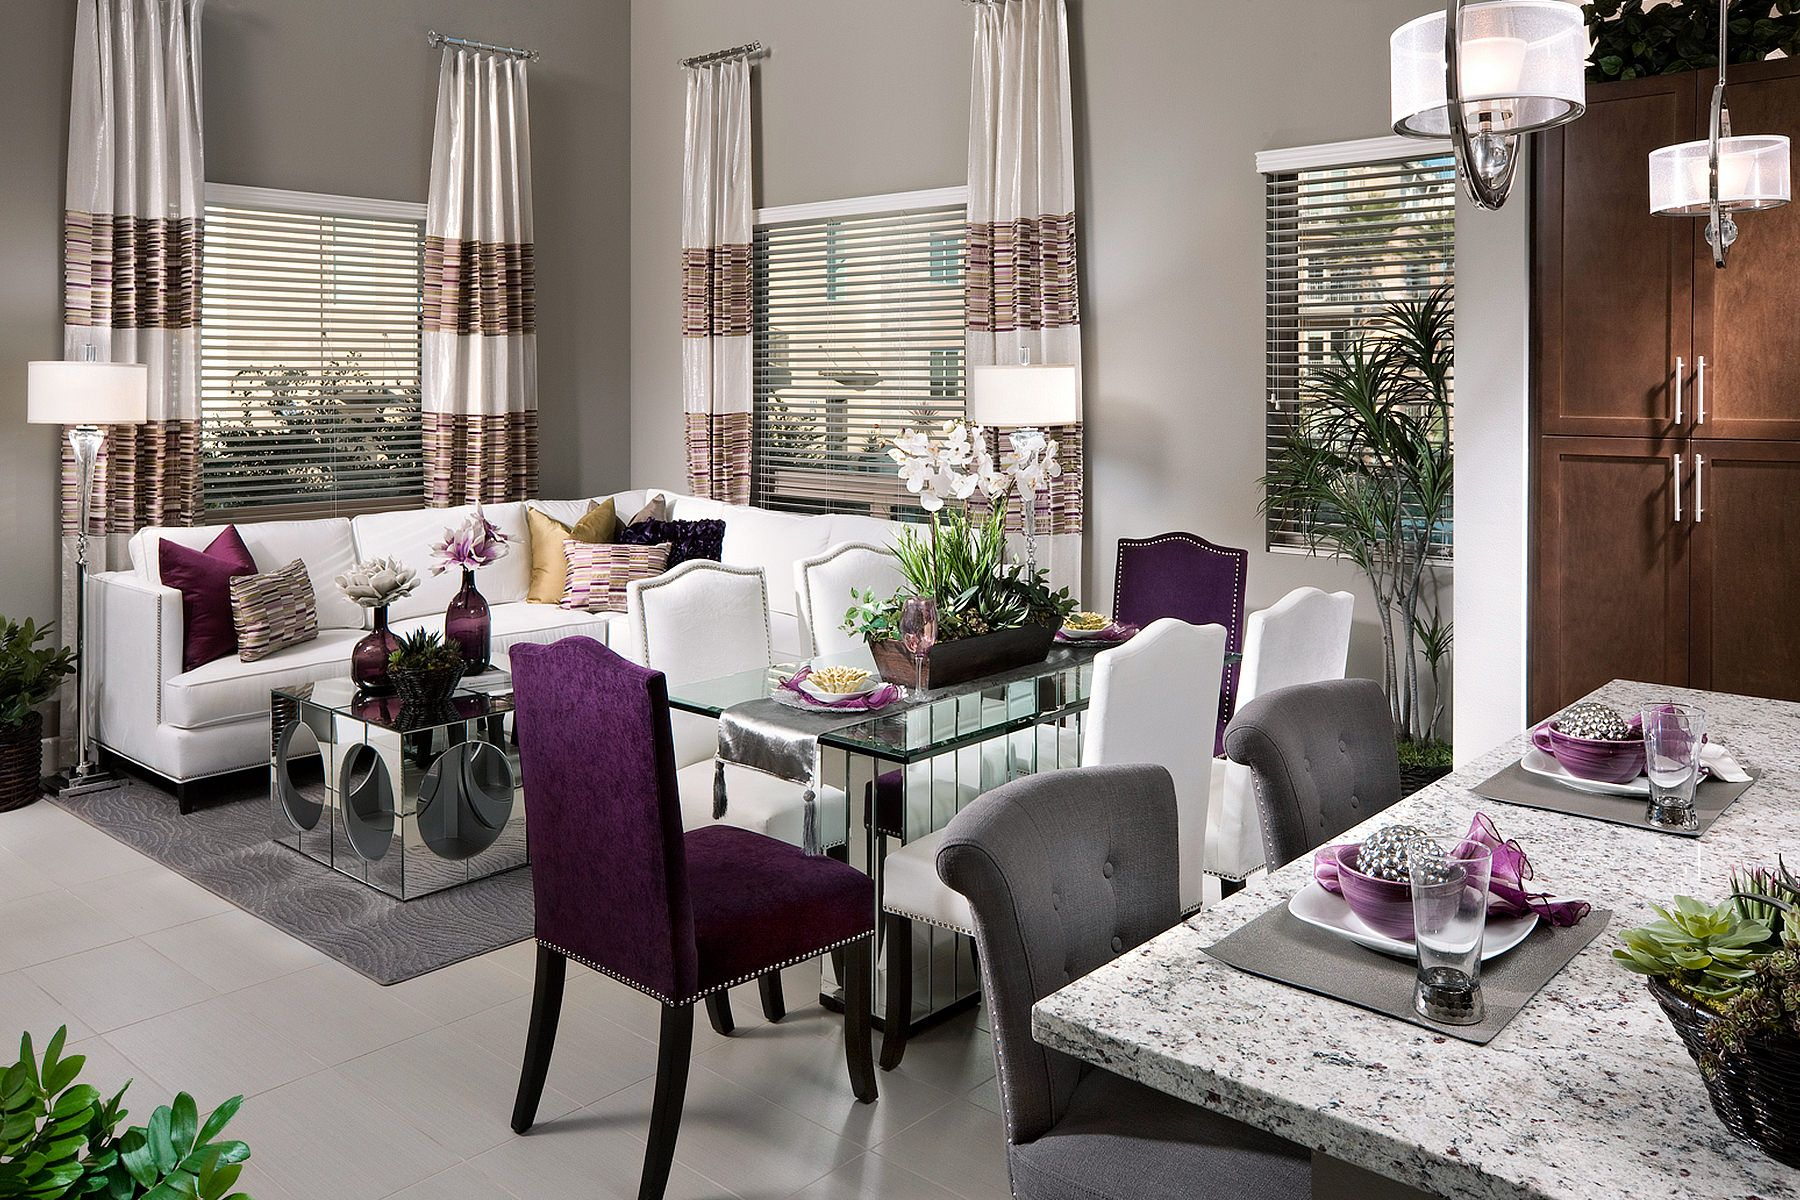 Ambrosia Interior Design With Images Interior Design Interior